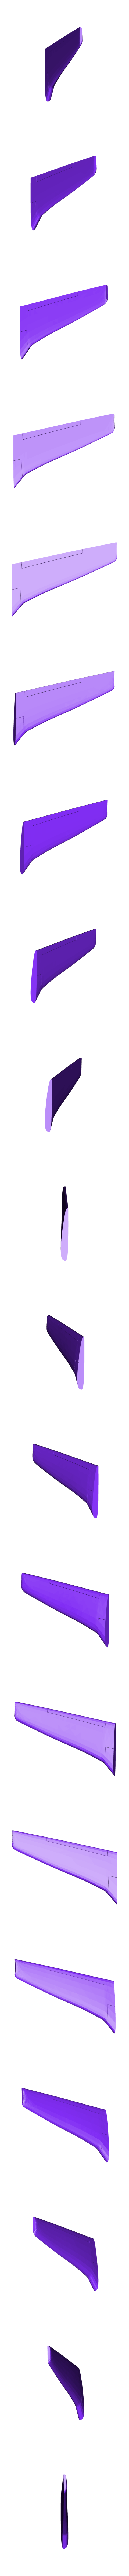 ala_izq.STL Download STL file Rutan Long EZ • 3D print design, Nico_3D